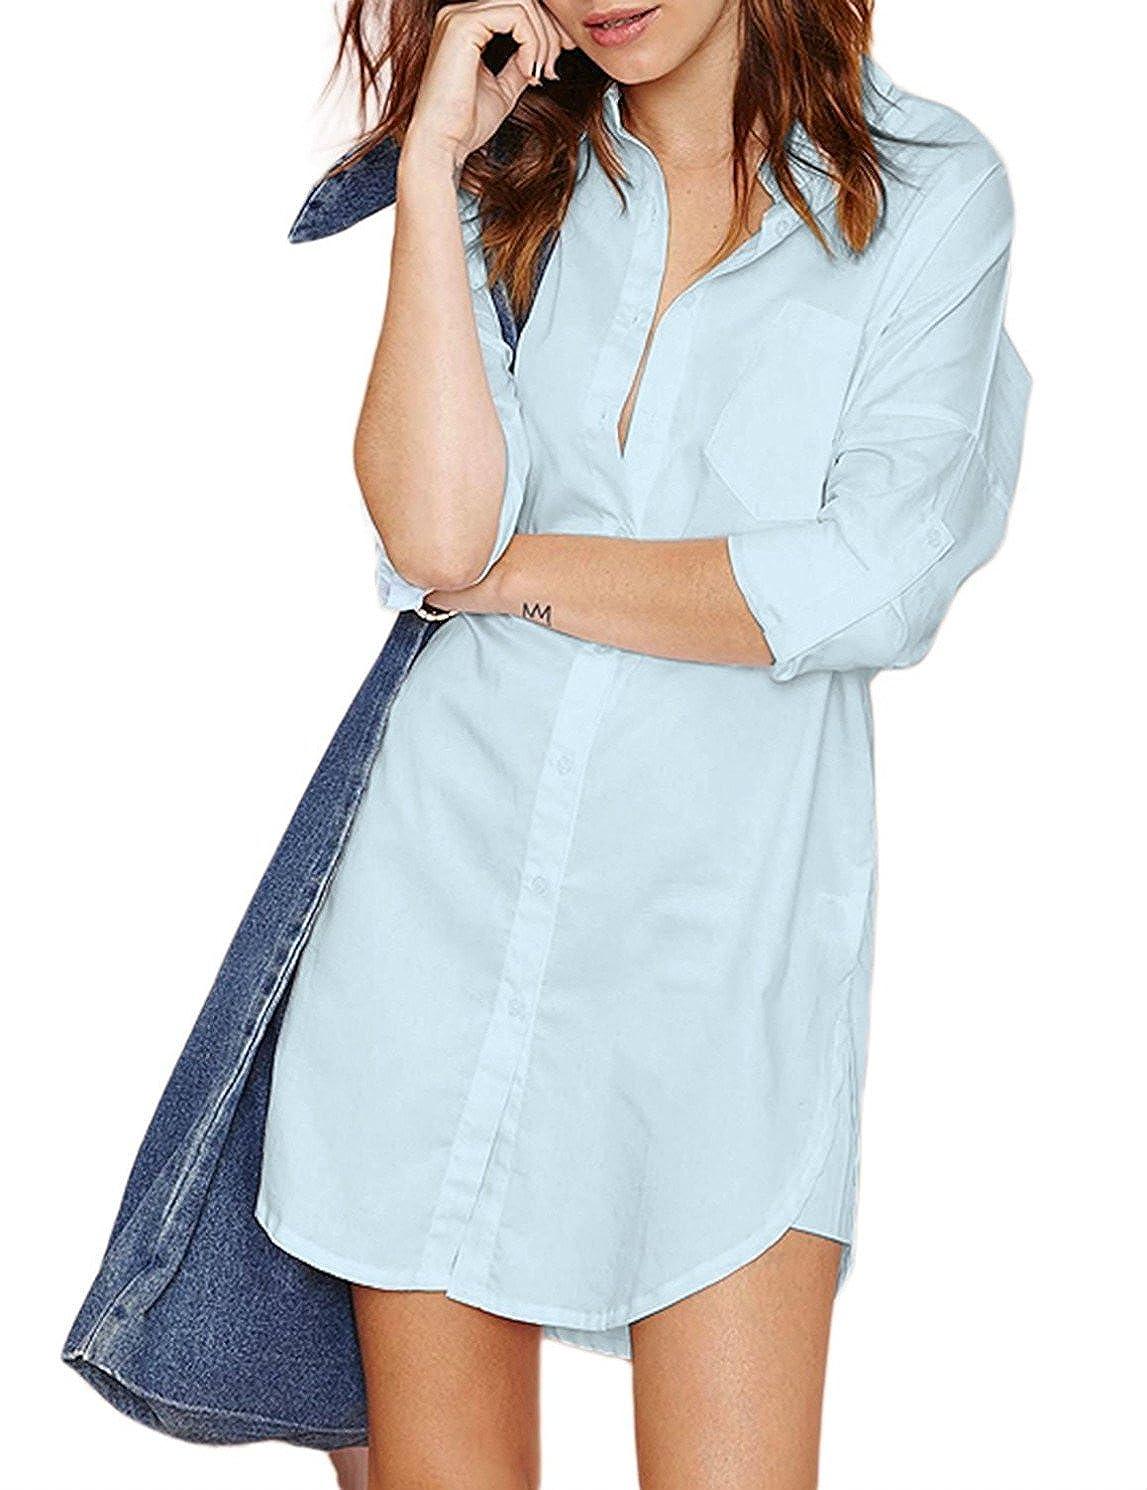 bluee HAOYIHUI Women's Casual Long Sleeve Boyfriend Pocket Shirt Dress Tunic Top